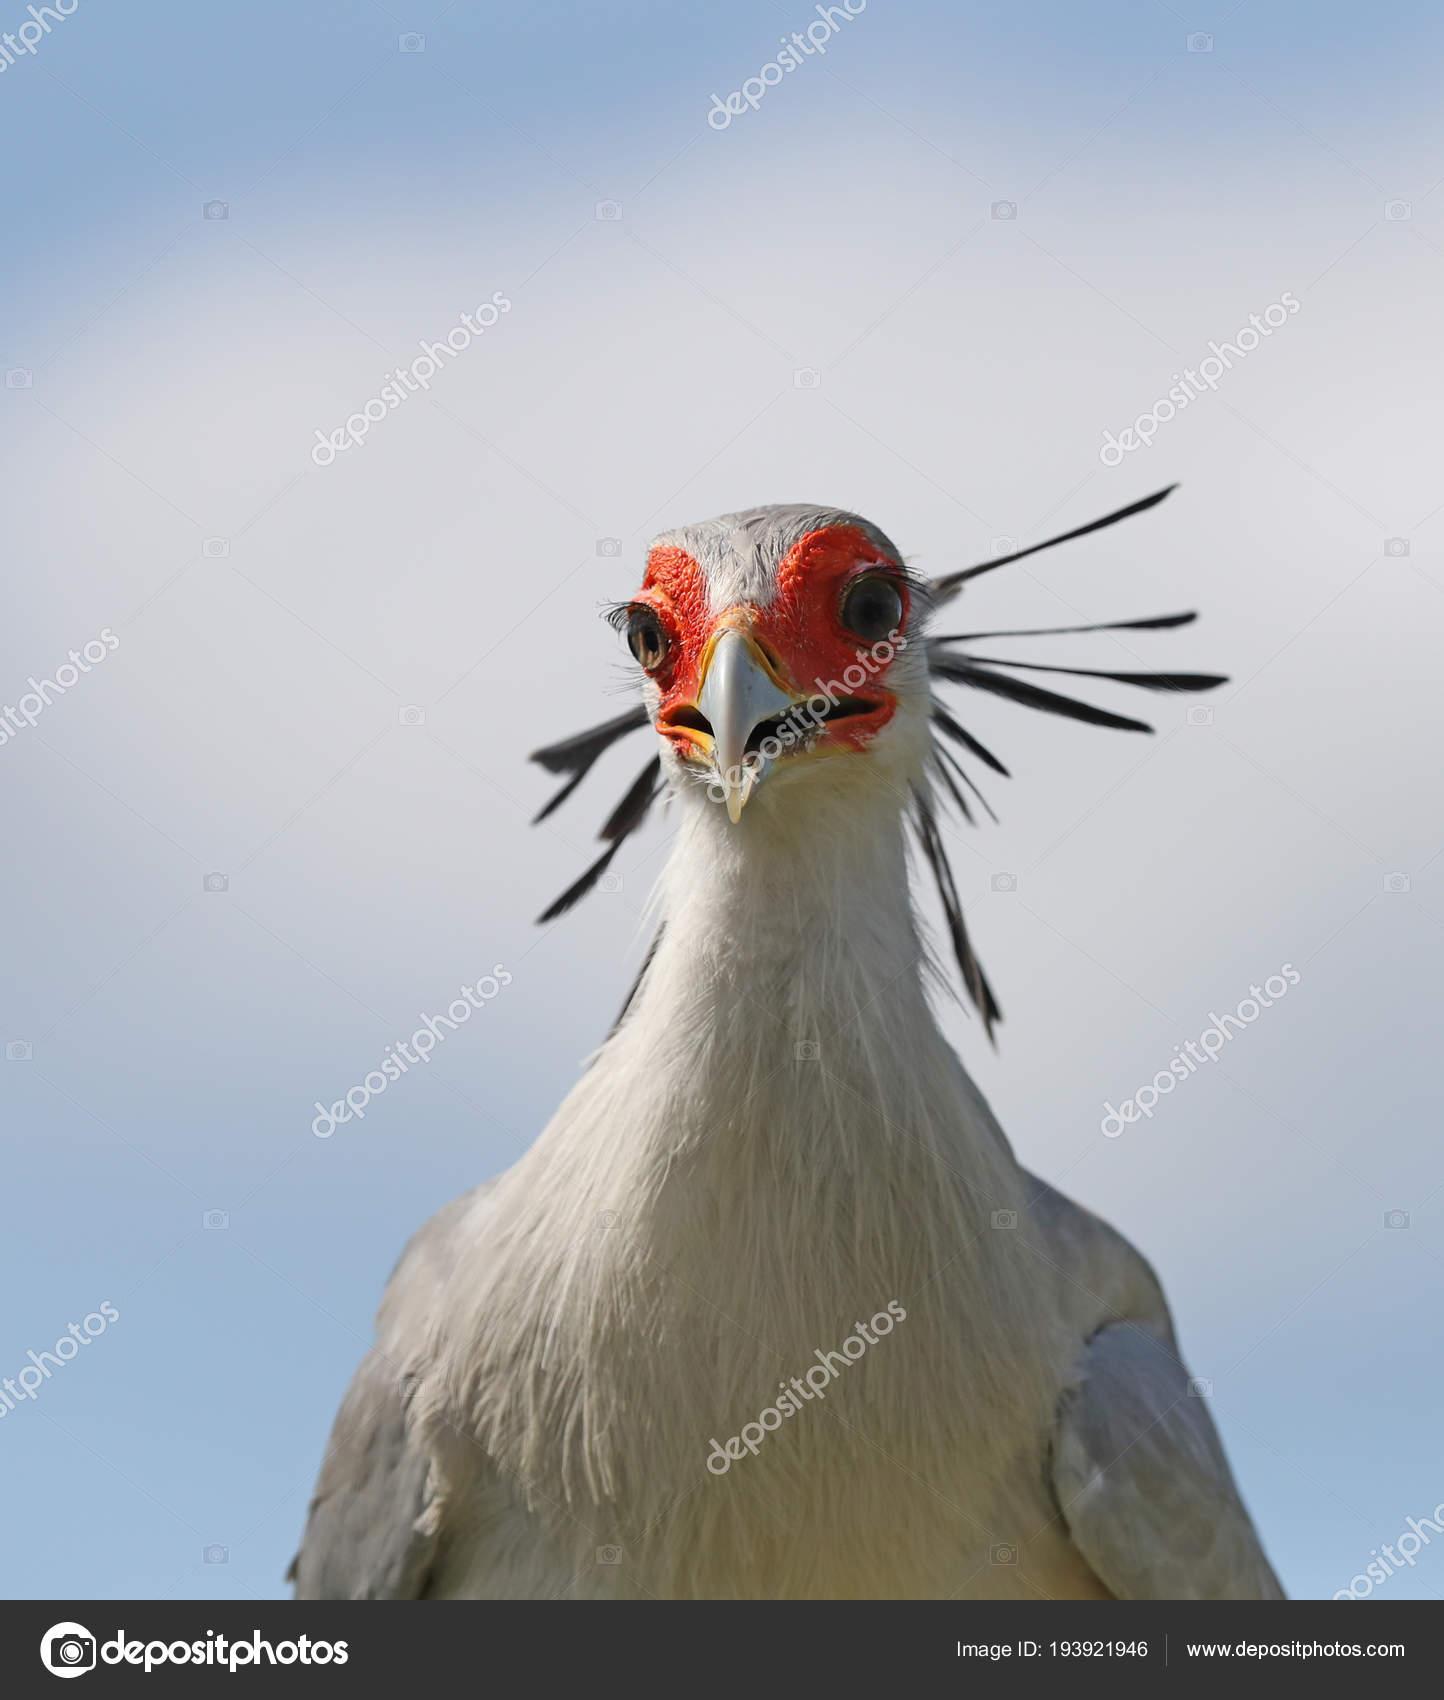 κοντινό επάνω μεγάλο πουλί φωτογραφίες